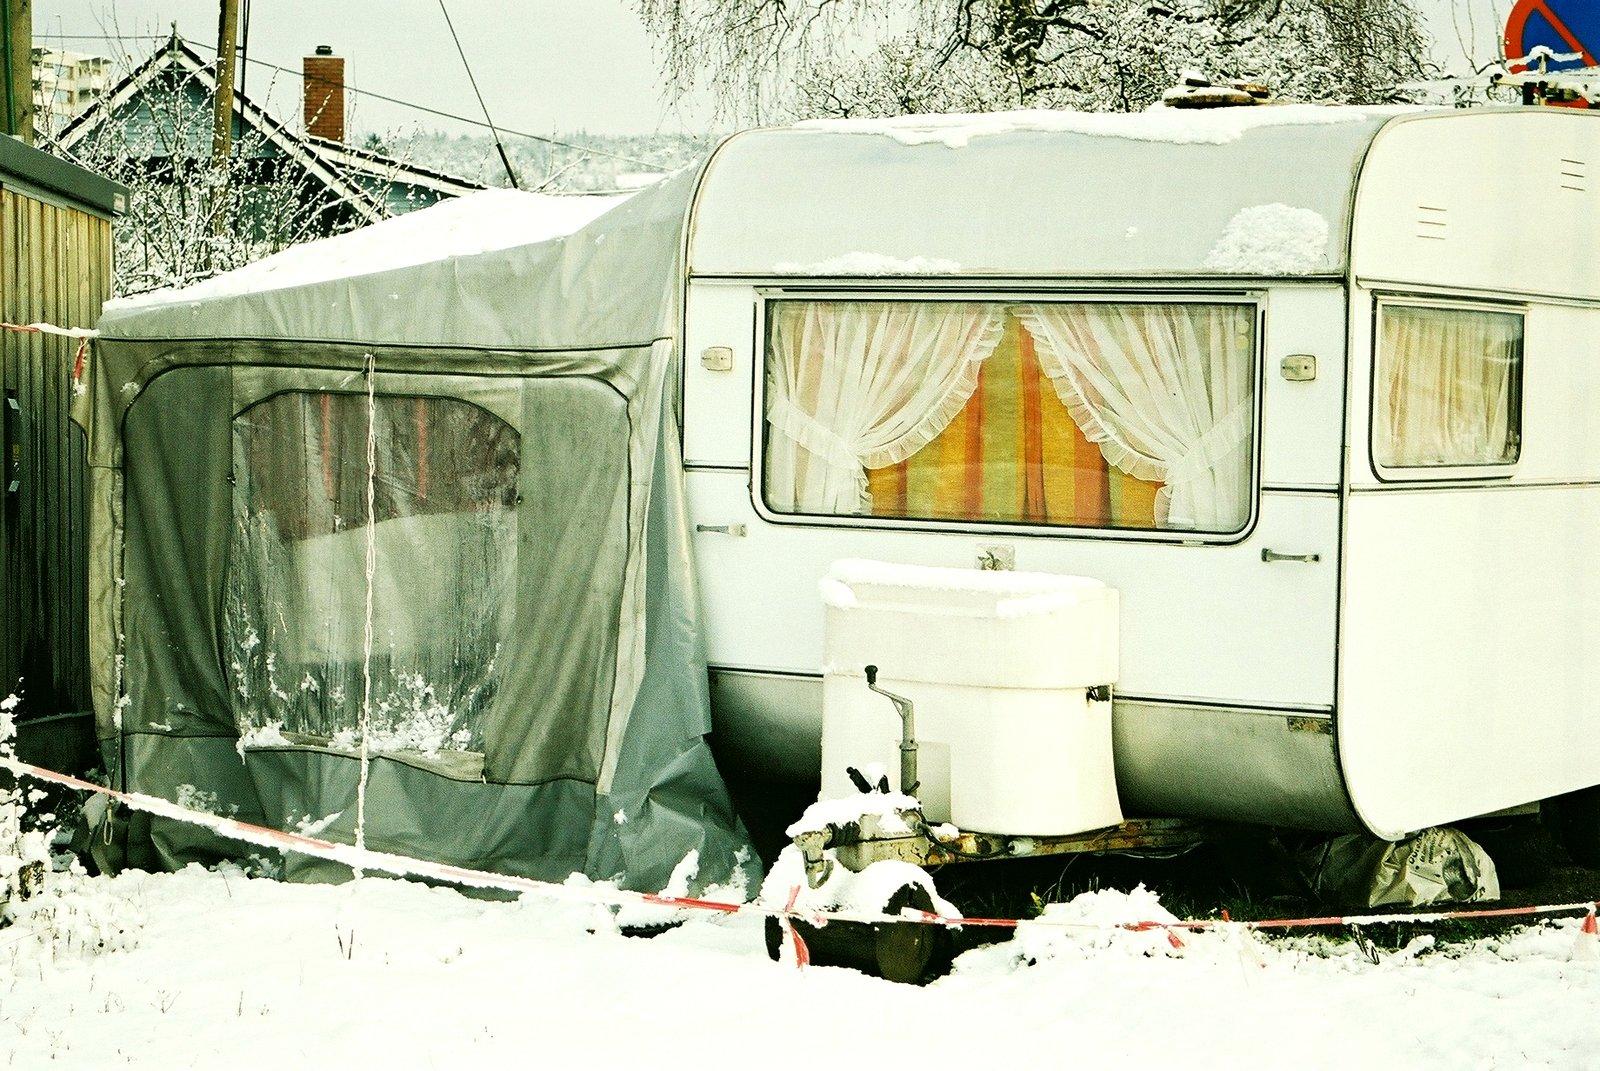 mit dem wohnwagen durch schweden die caravan route. Black Bedroom Furniture Sets. Home Design Ideas